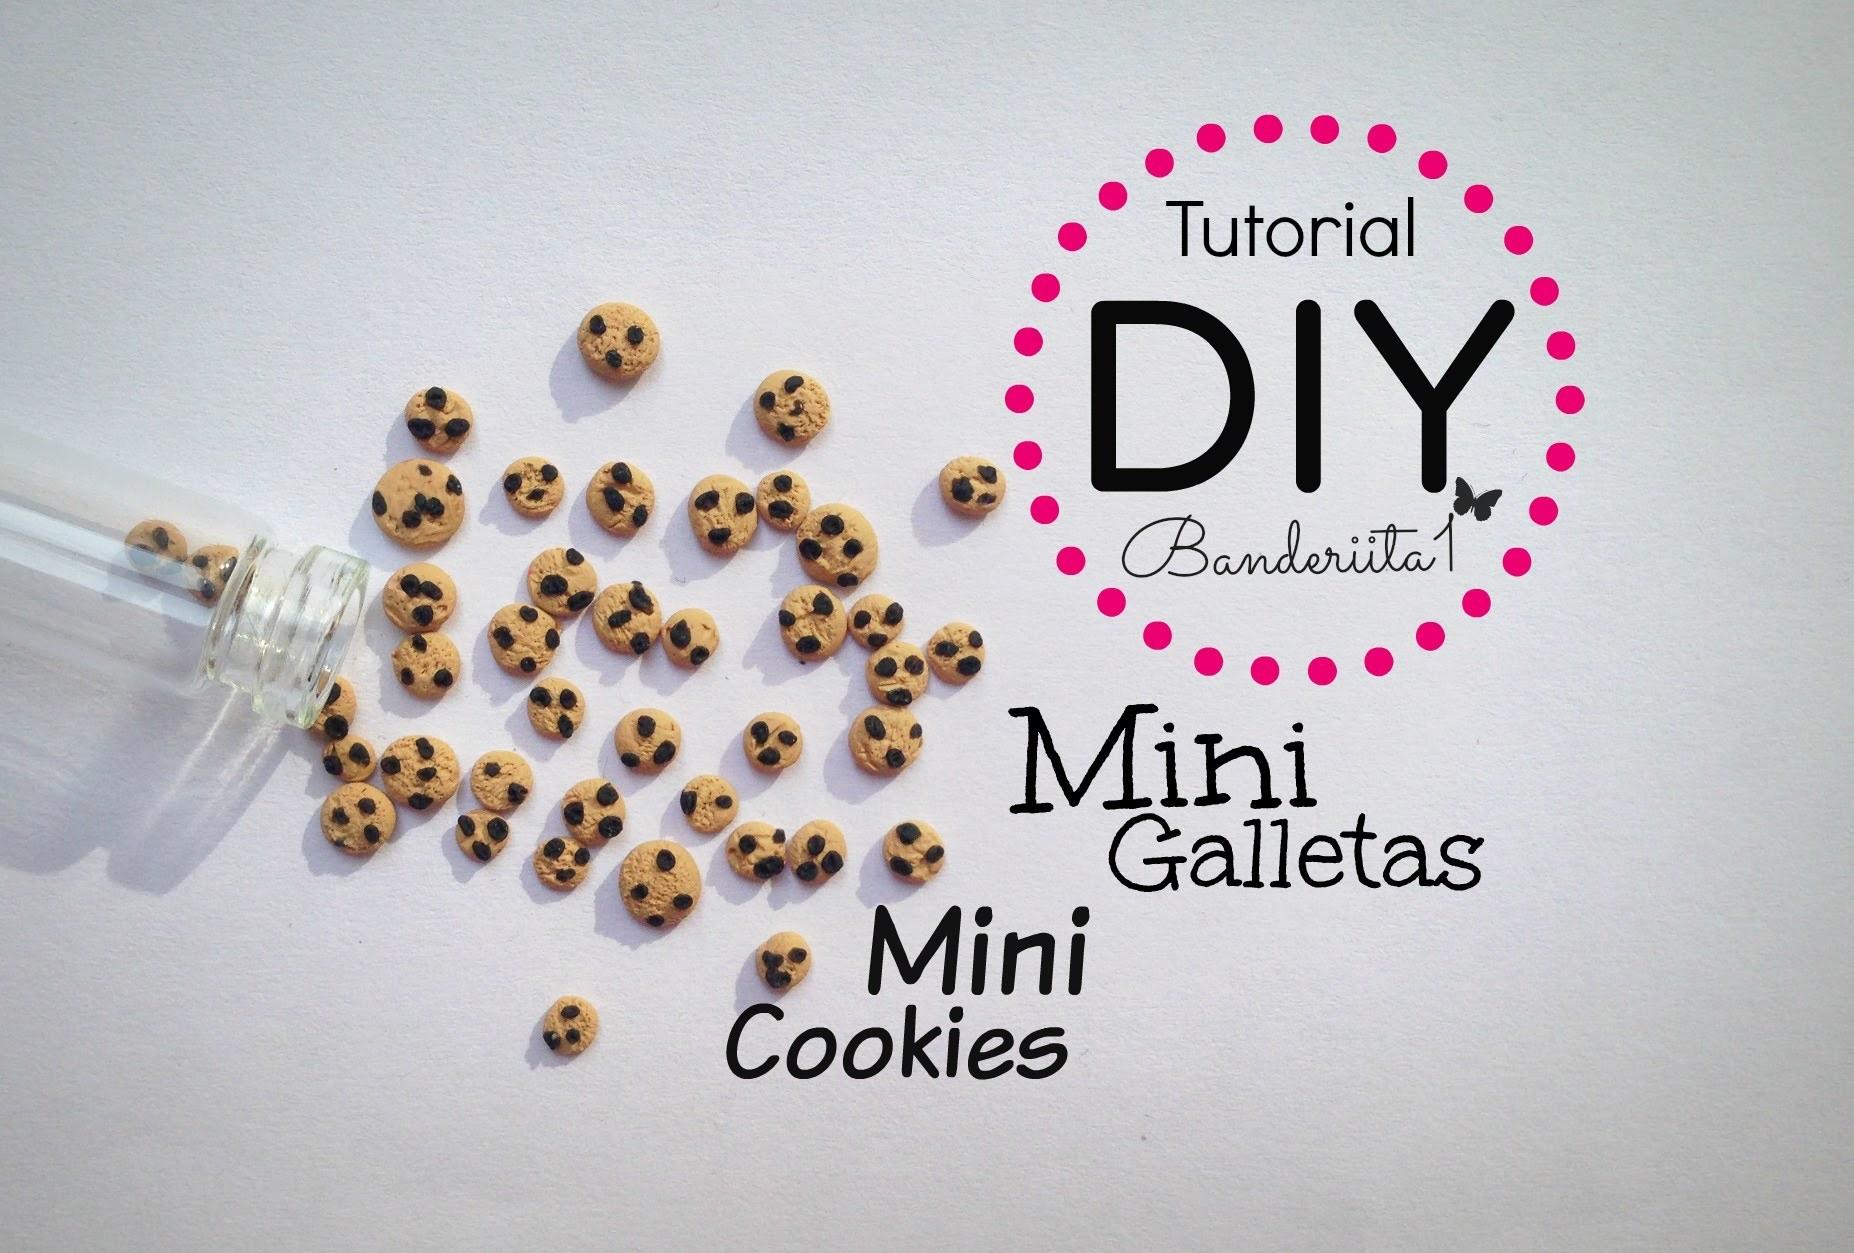 Tutorial DIY Mini Galletas arcilla polimerica. Polymer Clay Cookies